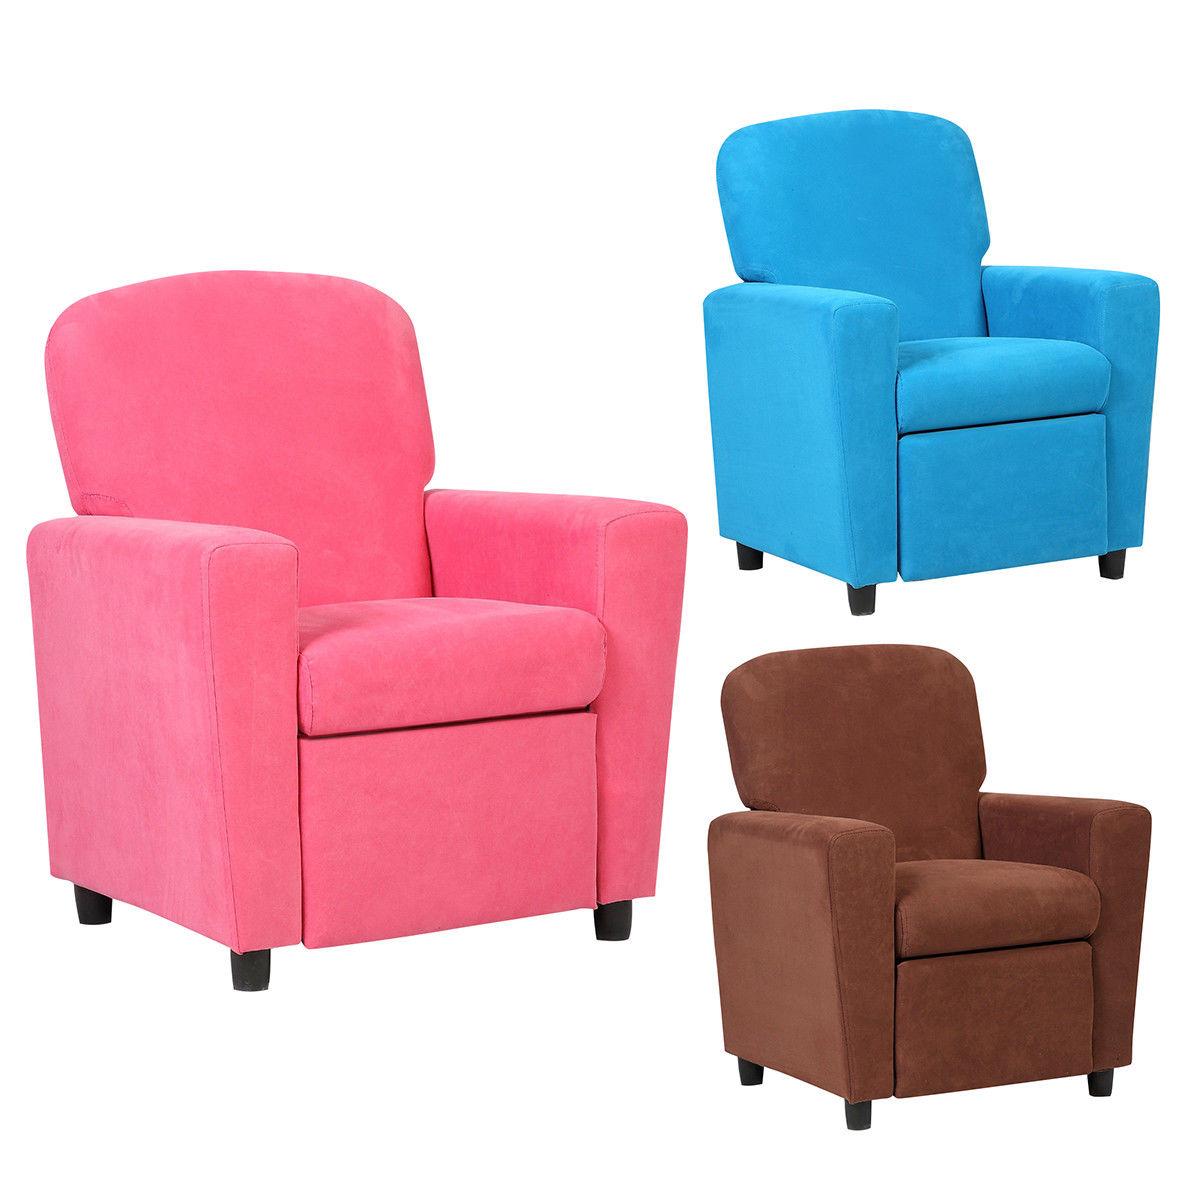 Costway детское кресло-кресло, кресло-подлокотник, детская мебель для гостиной